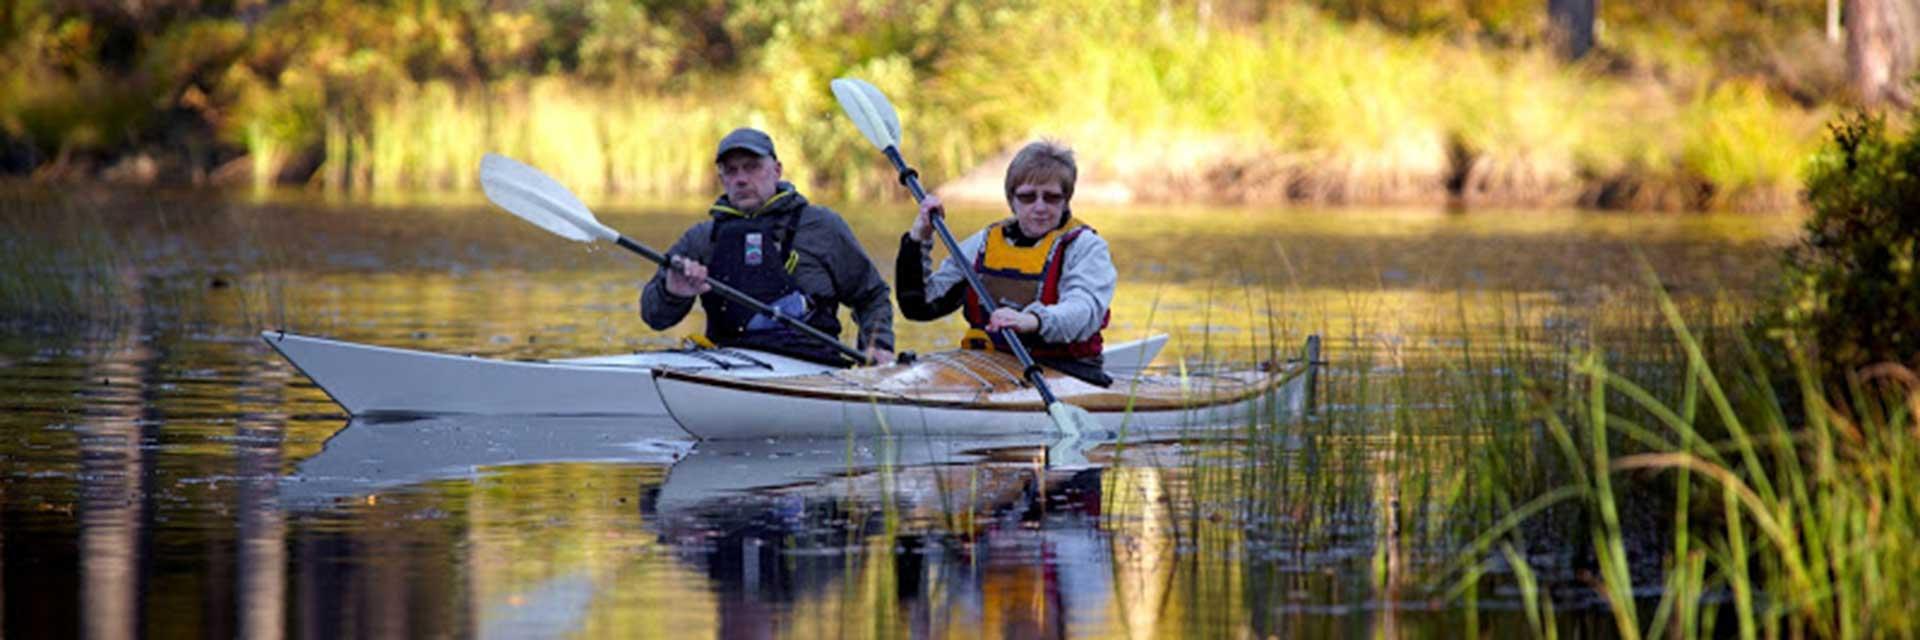 Åk på vildmarksexpedition och paddla kanot